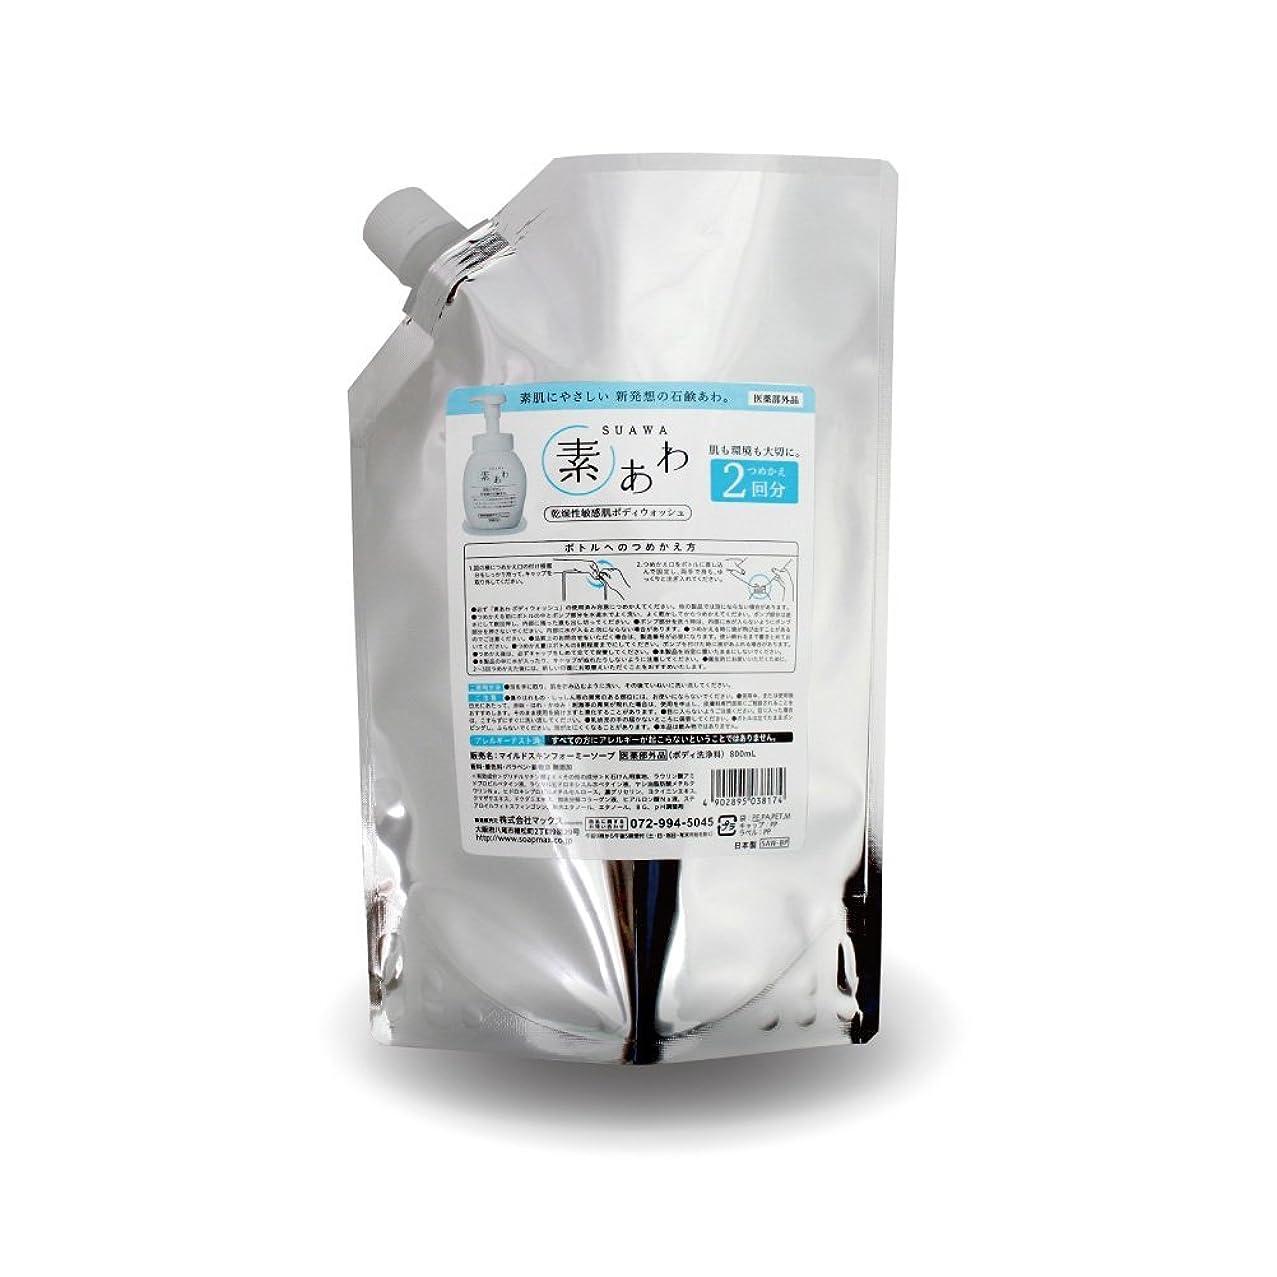 偶然のパーク拡大する薬用 素あわ 泡タイプ ボディソープ 詰替2回分パウチ 800mL 乾 燥 肌 ? 敏 感 肌 に